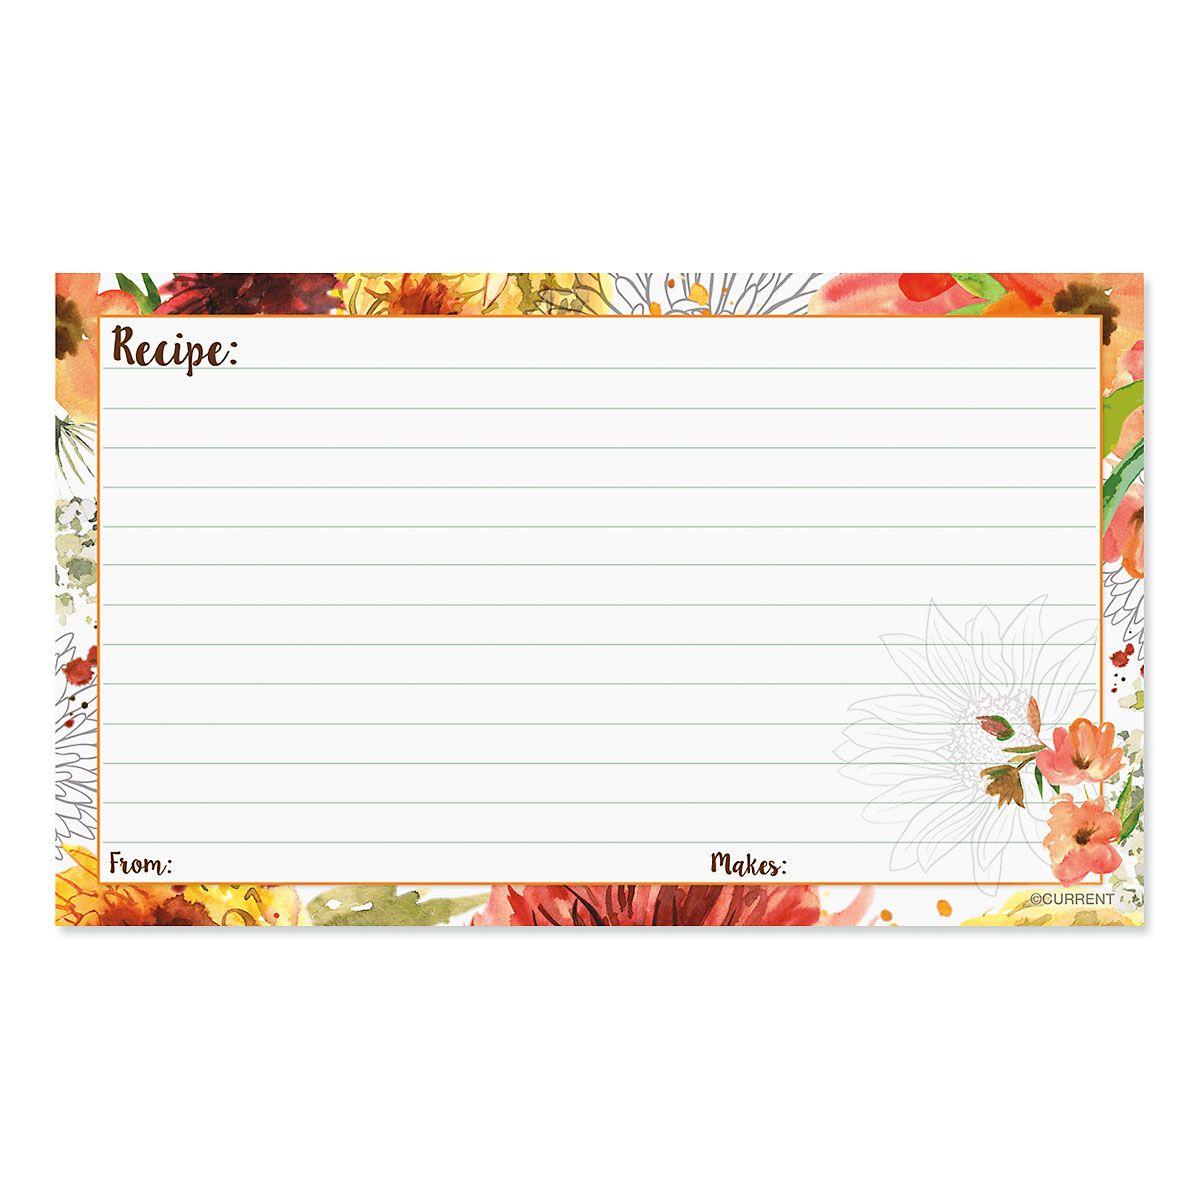 Mums Recipe Cards - BOGO